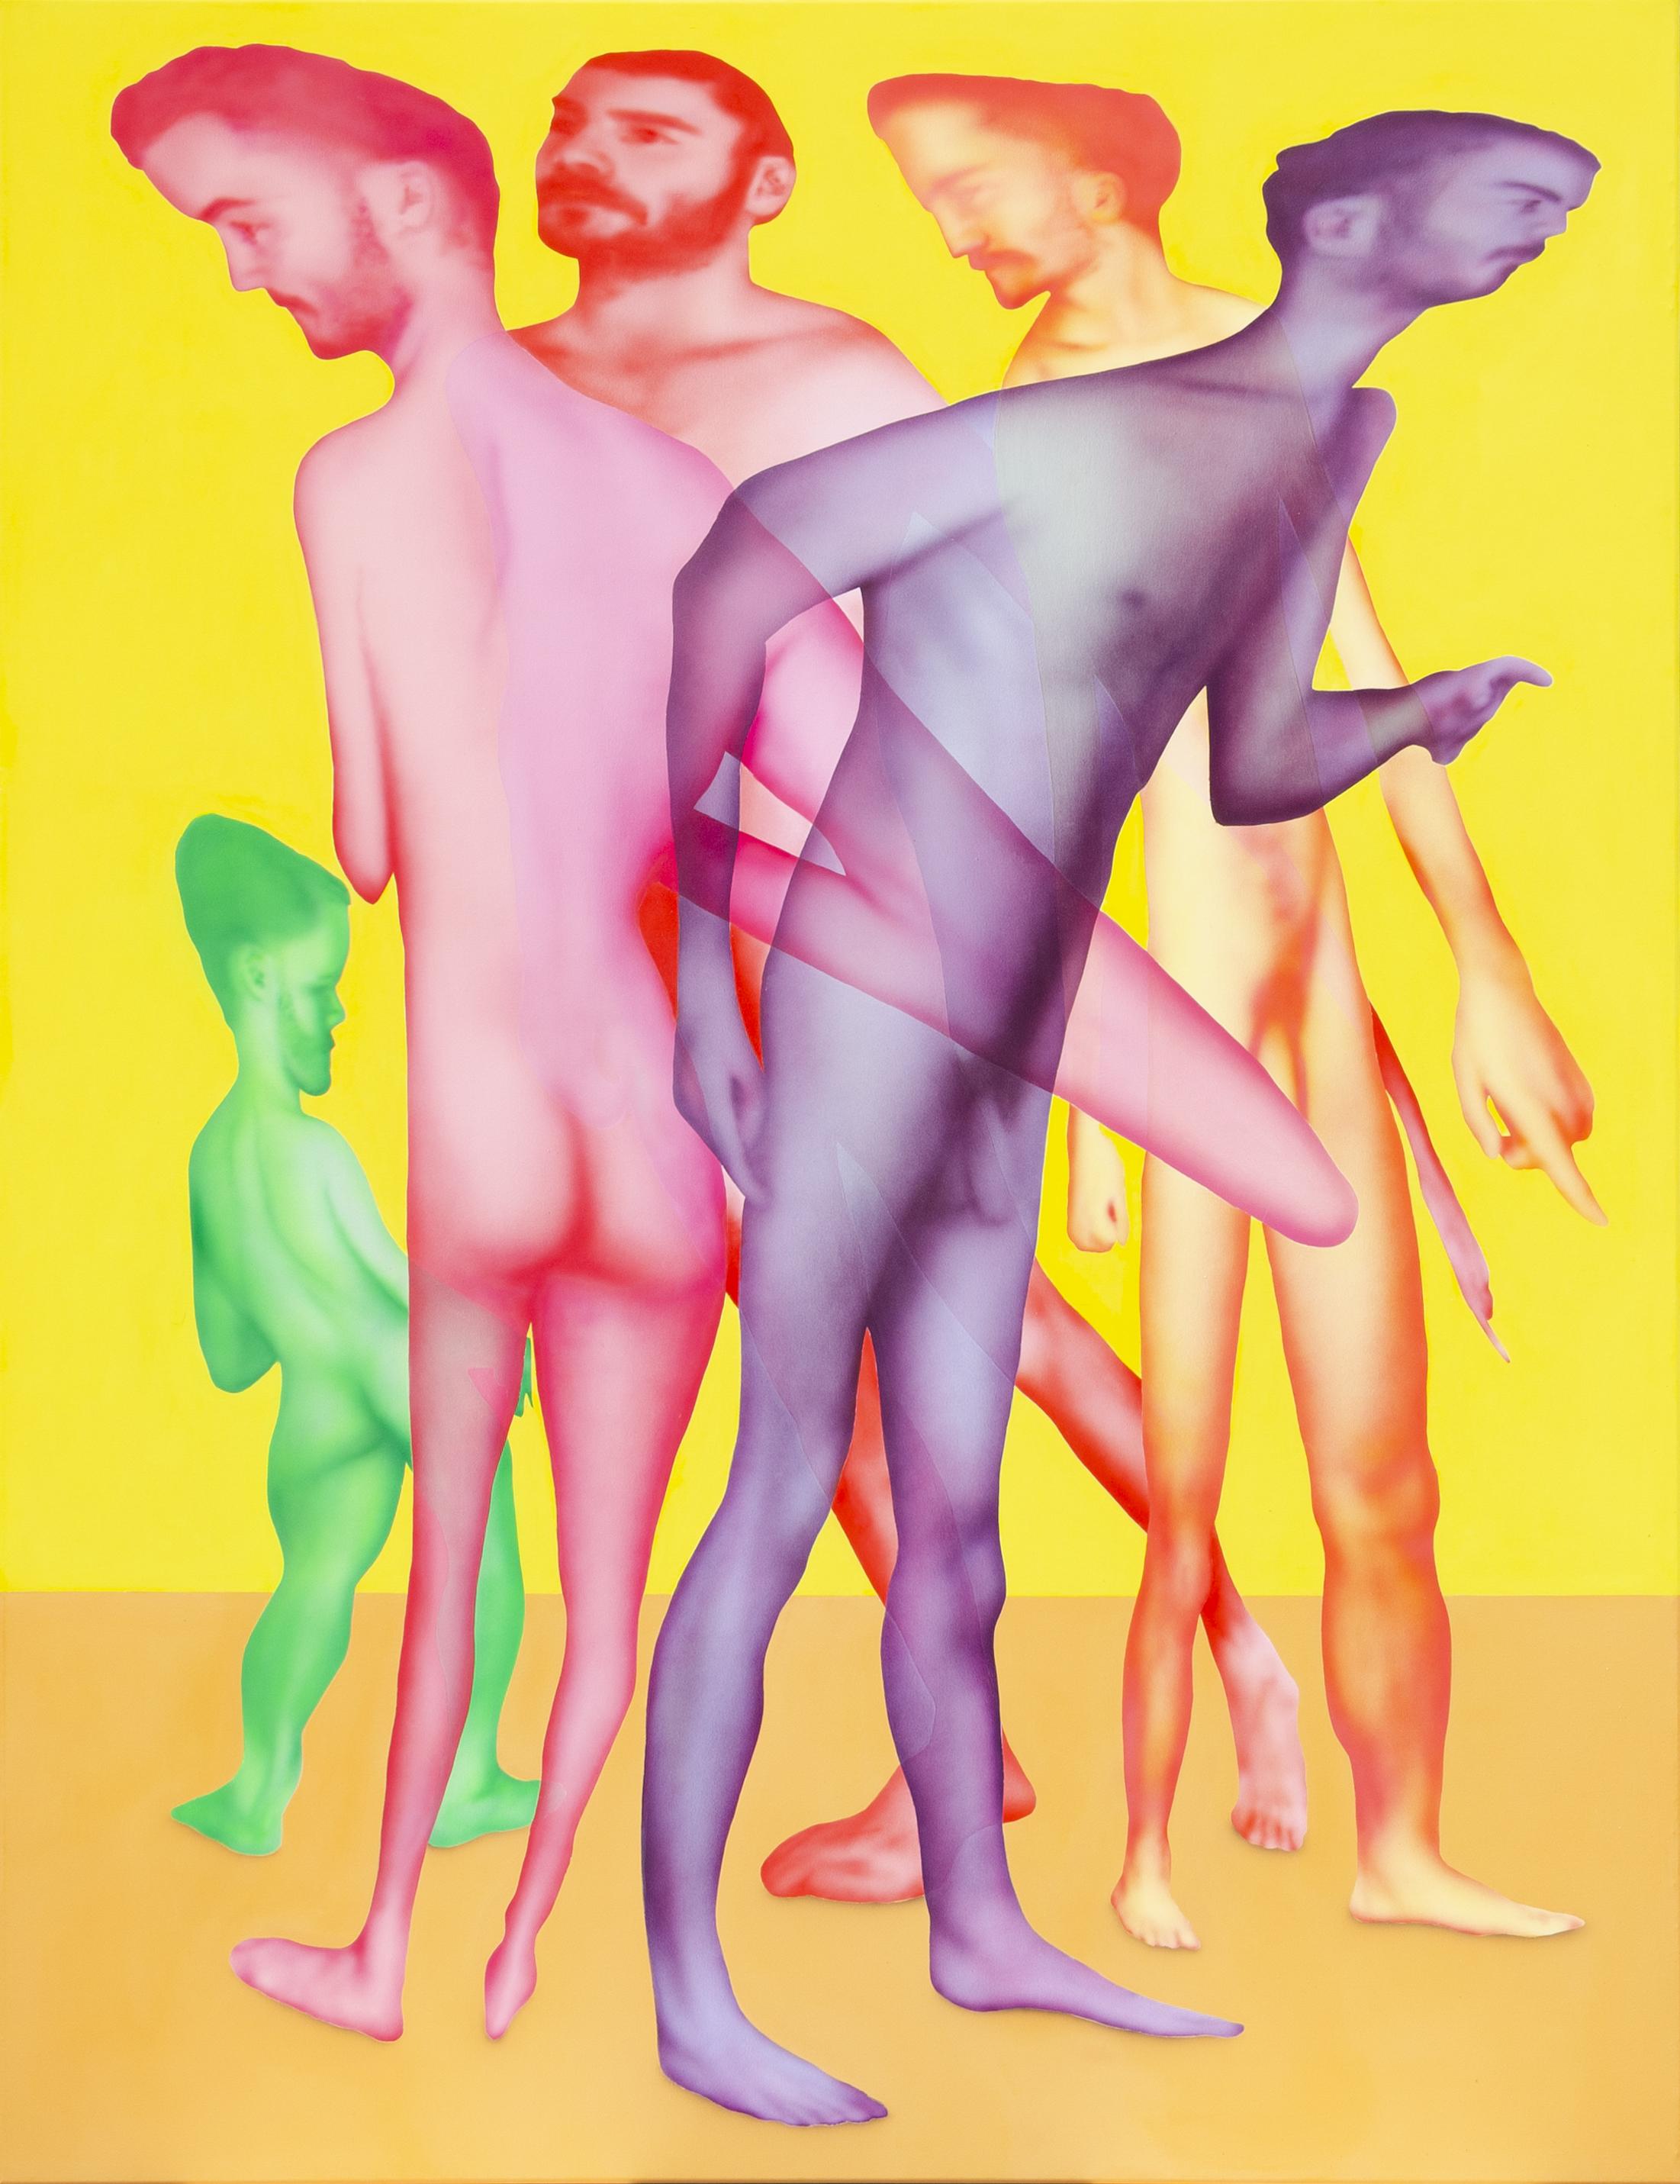 Gabriele Ermini (Courtesy: Rizzuto Gallery)